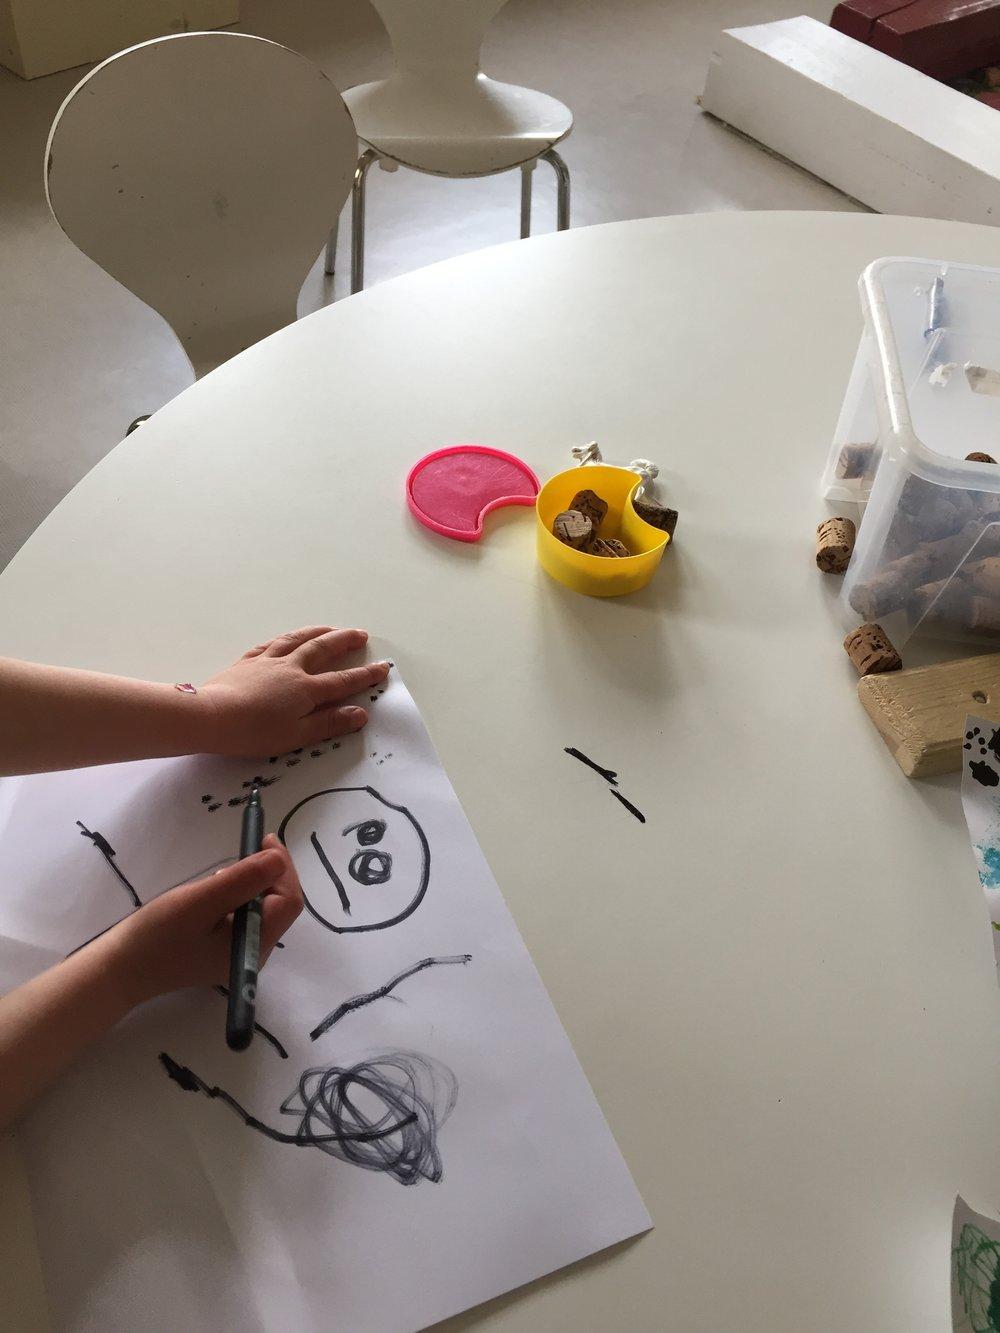 «Se æ tegna øya og munn»  Utdrag fra en artikkel i Familieverden:    Tegning er språk – Gjennom å tegne lærer vi å kommunisere ved hjelp av tegn. Dette har mennesket gjort fra tidenes moirgen. Vi lever i en rik symbolverden, som barn tidlig tar del i. Ved selv å tegne, blir barn produsenter av symboler, ikke bare mottakere, framholder Frisch.